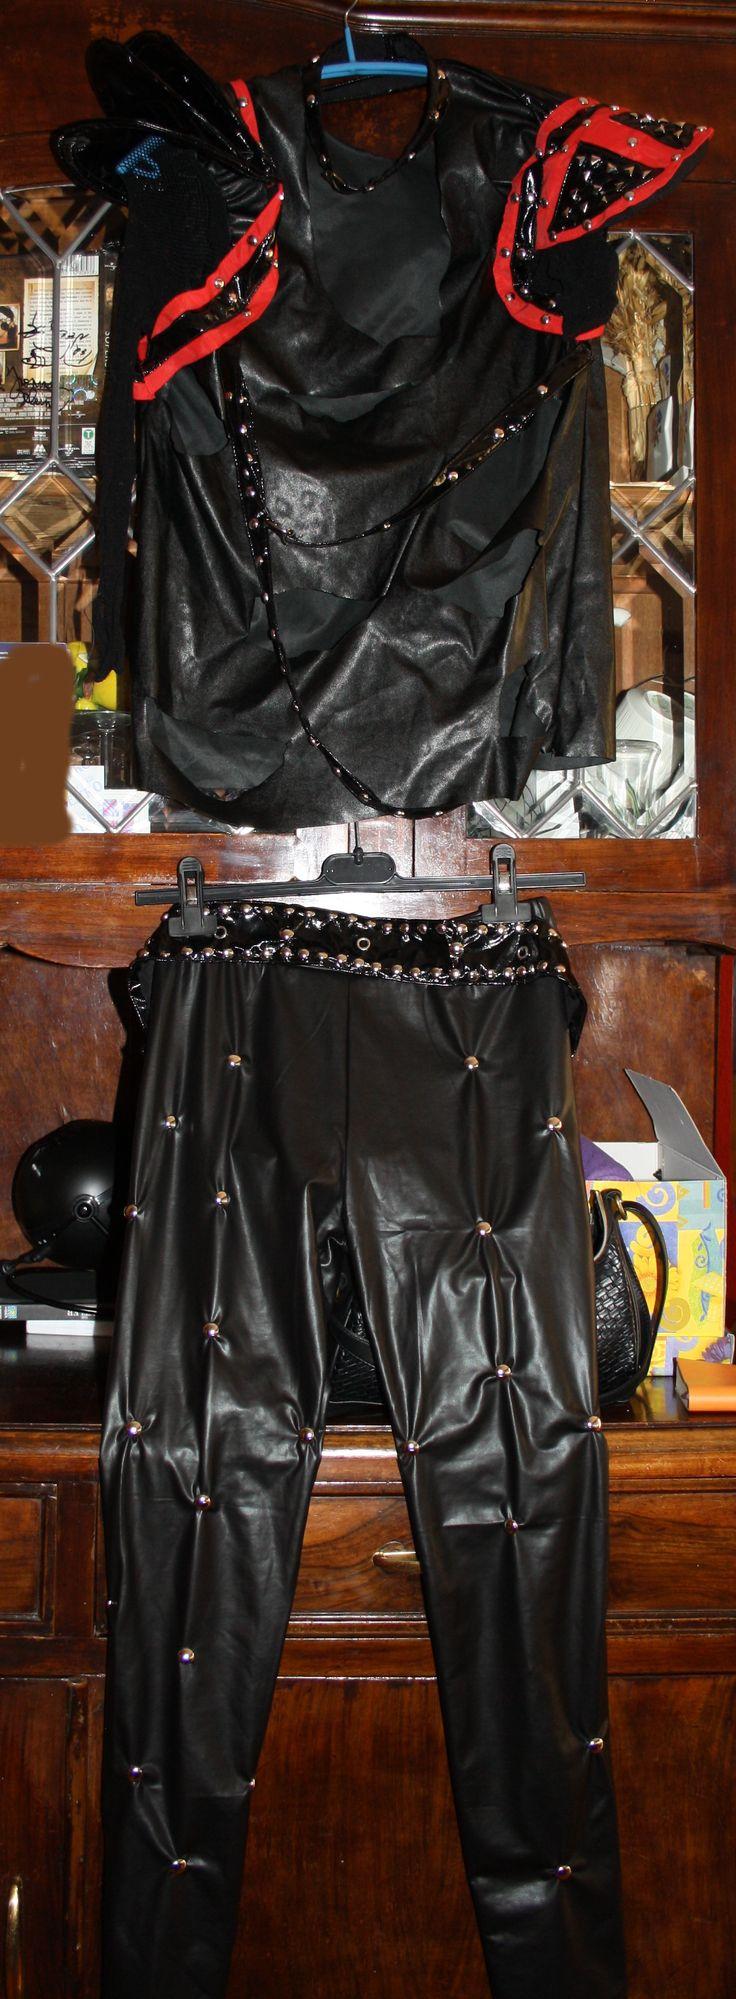 Abiti su commissione, band tributo dei Motley Crue. Abito di Nikki Sixx, maglia in ecopelle, lacci, collarino con borchie e fibbia, spalline con rinforzi in metallo, manica elasticizzata a rete, cintura e leggins